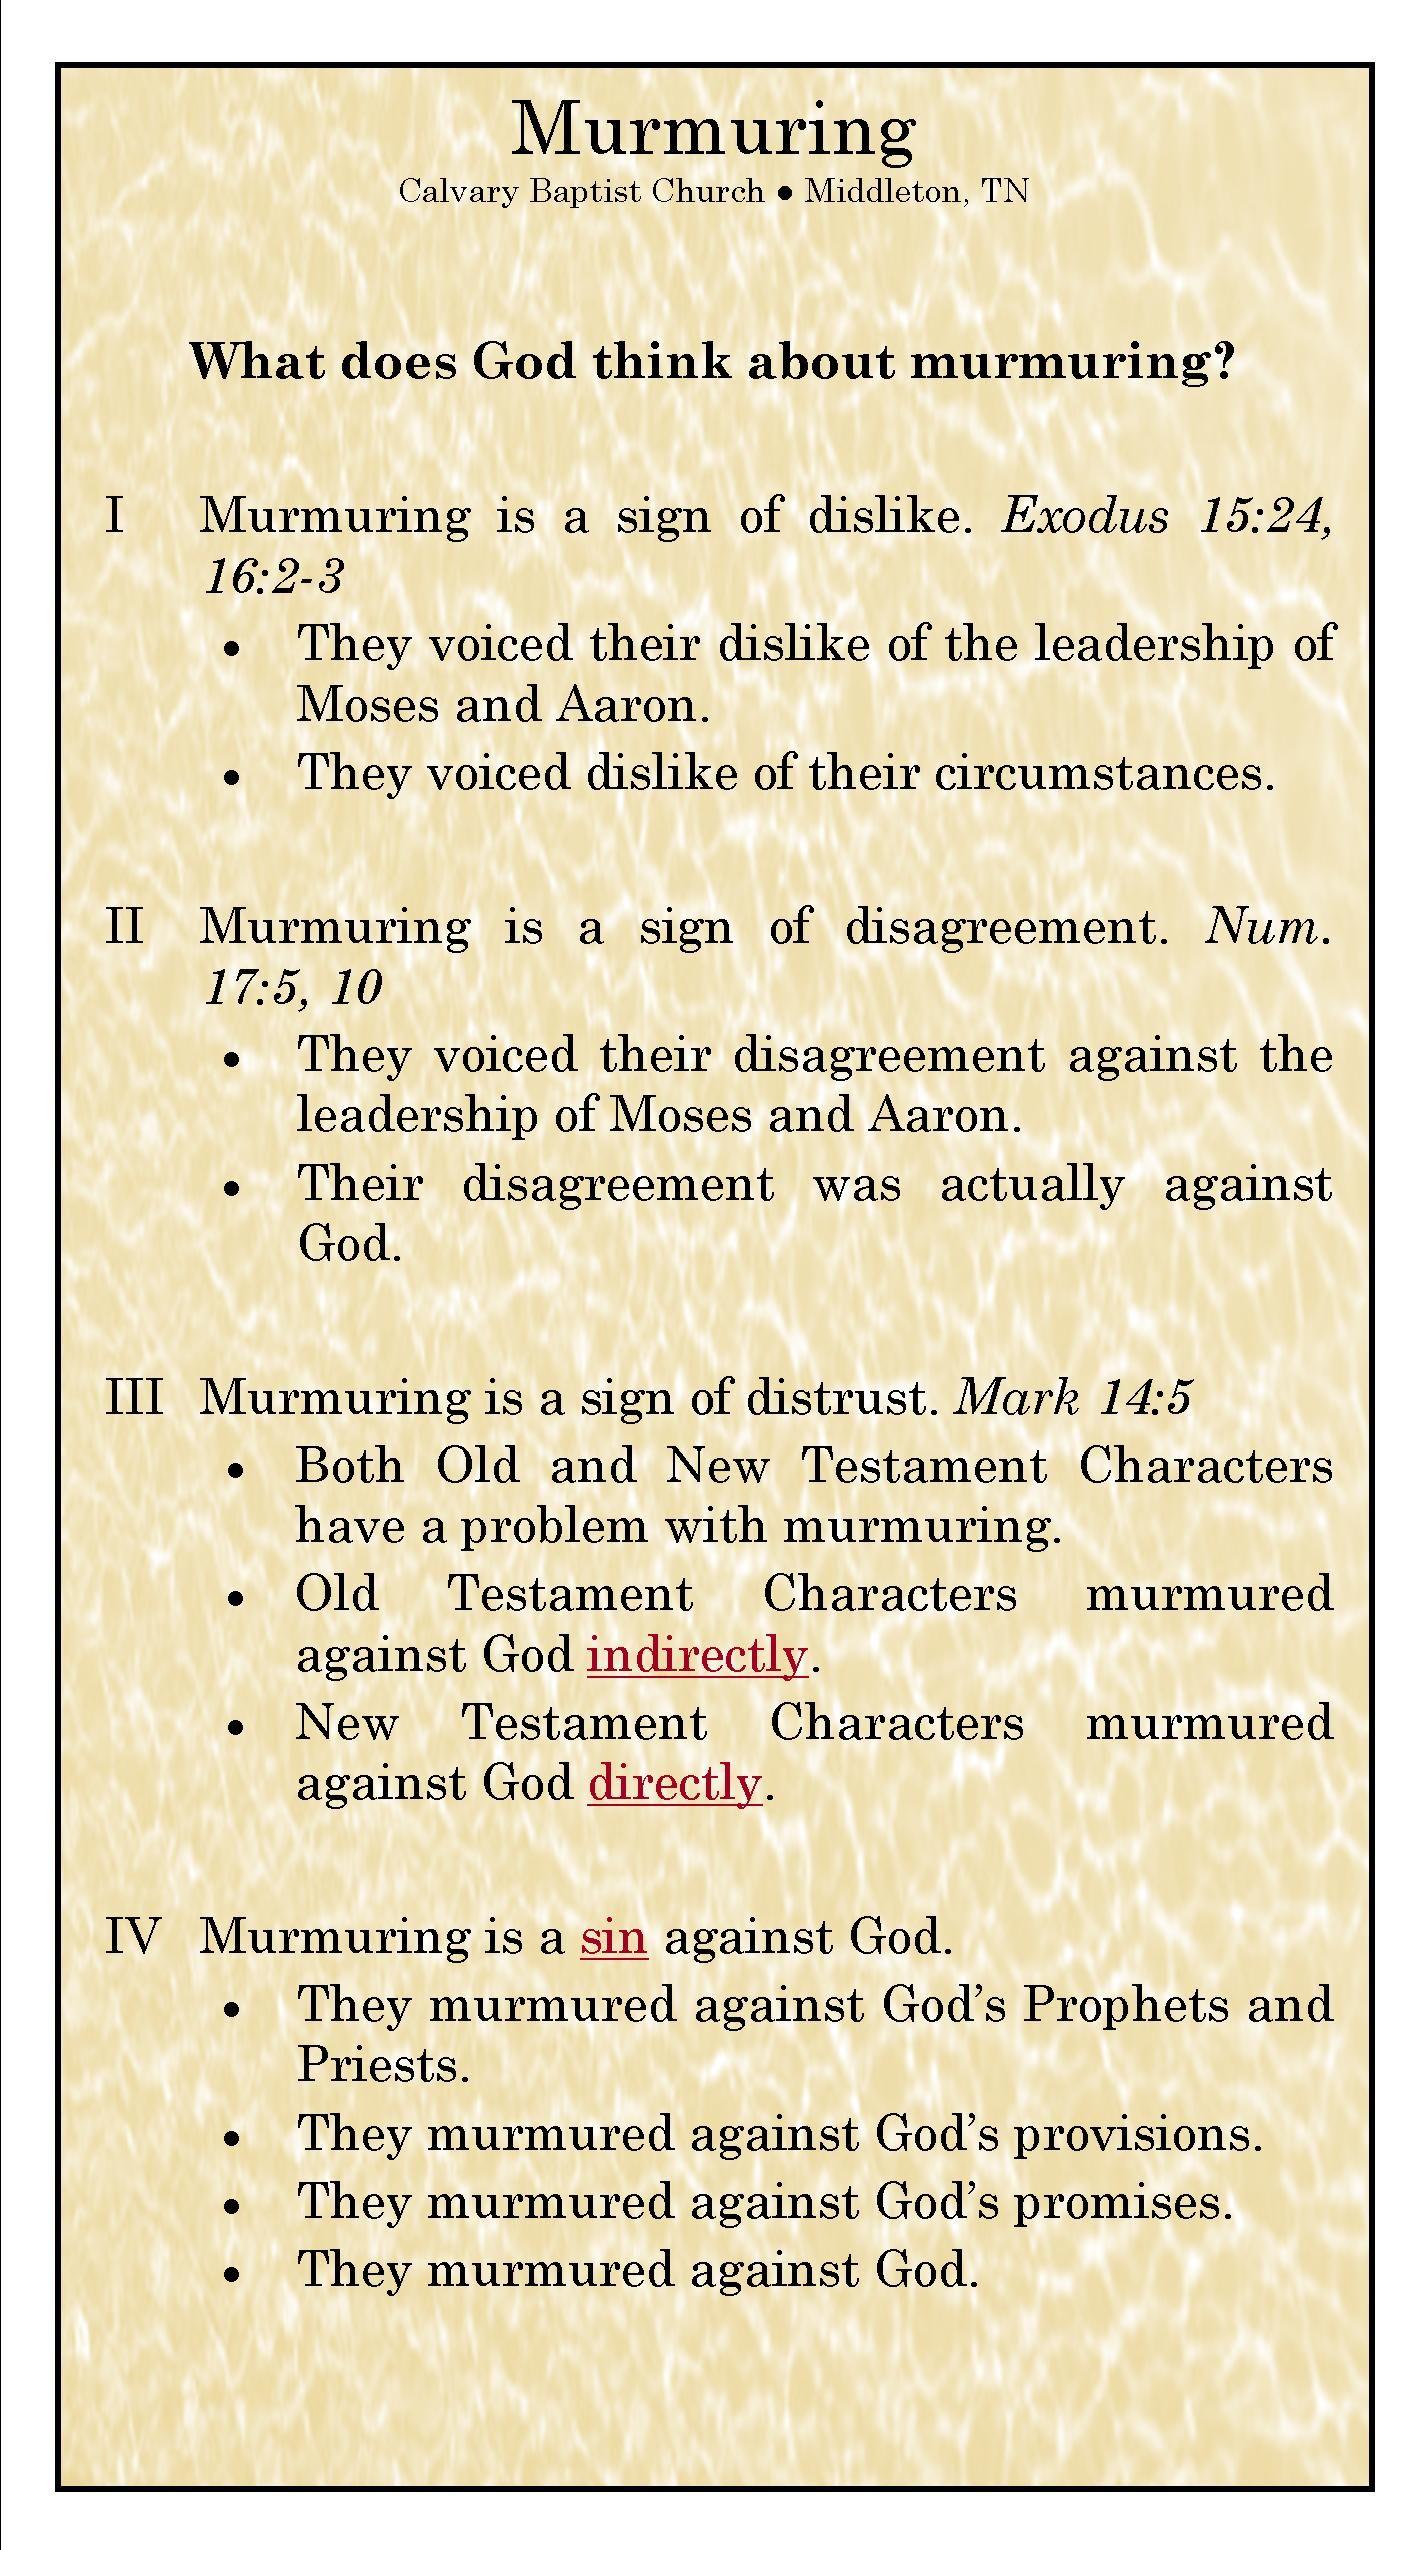 BLAMELESS - Definition from the KJV Dictionary